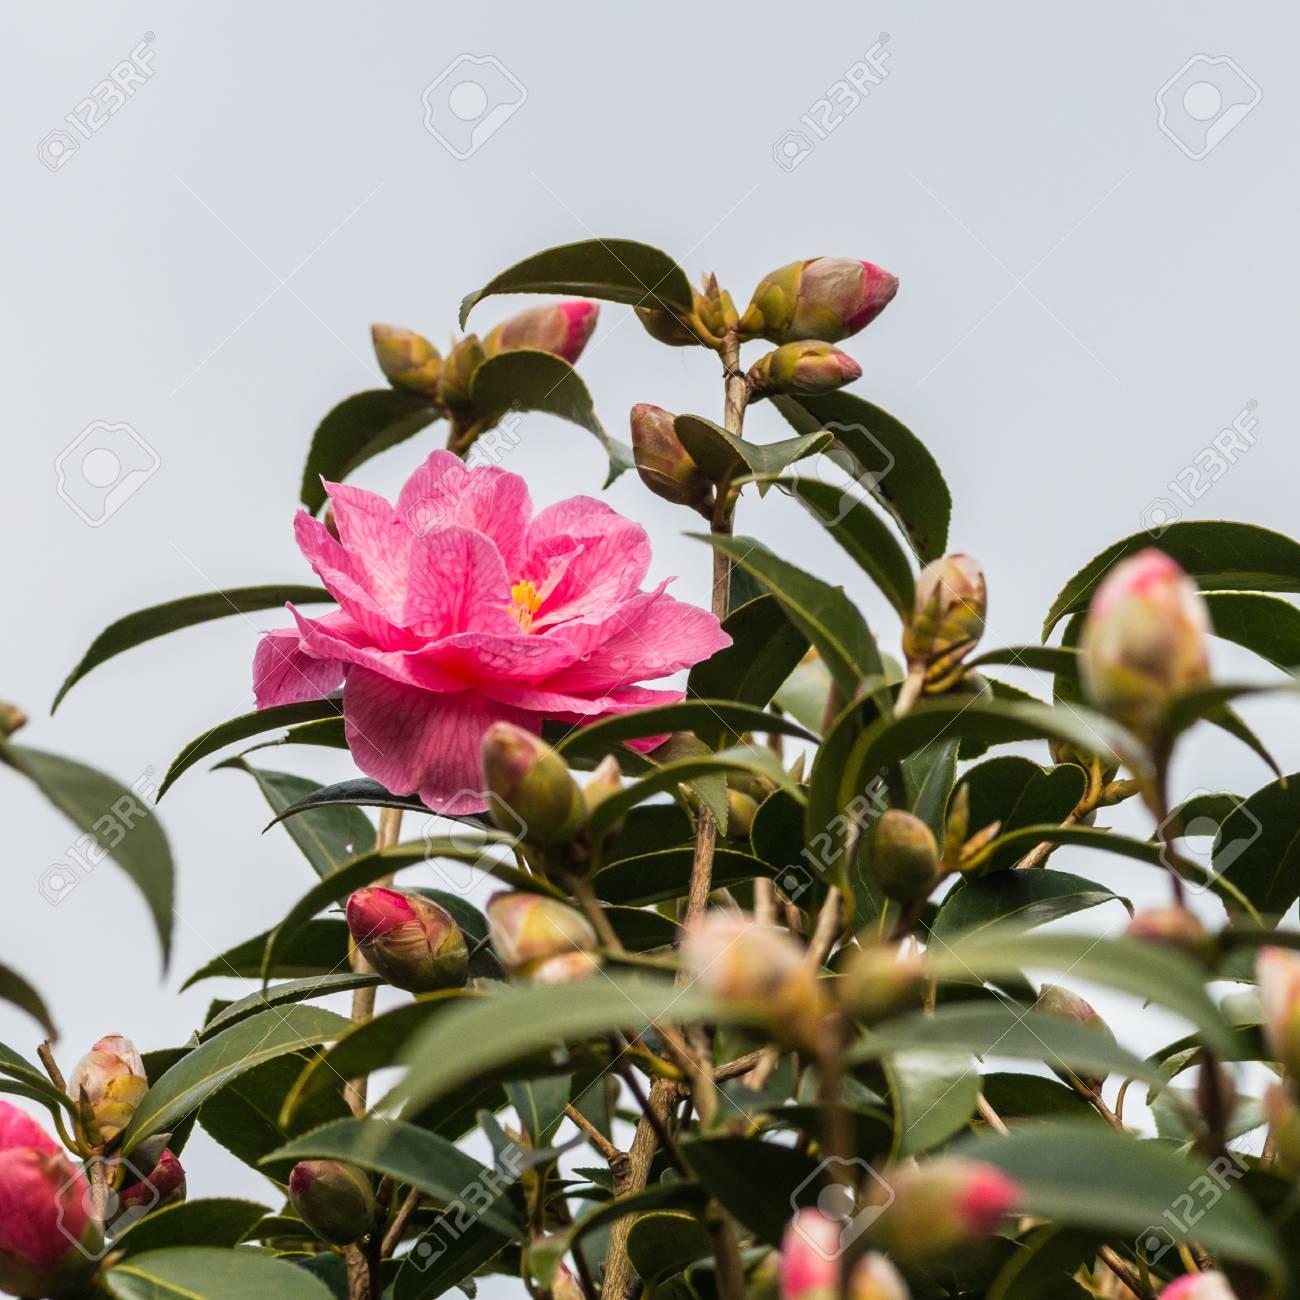 Un Tir D Un Camelia Rose Bloom Entoure De Boutons De Fleurs Banque